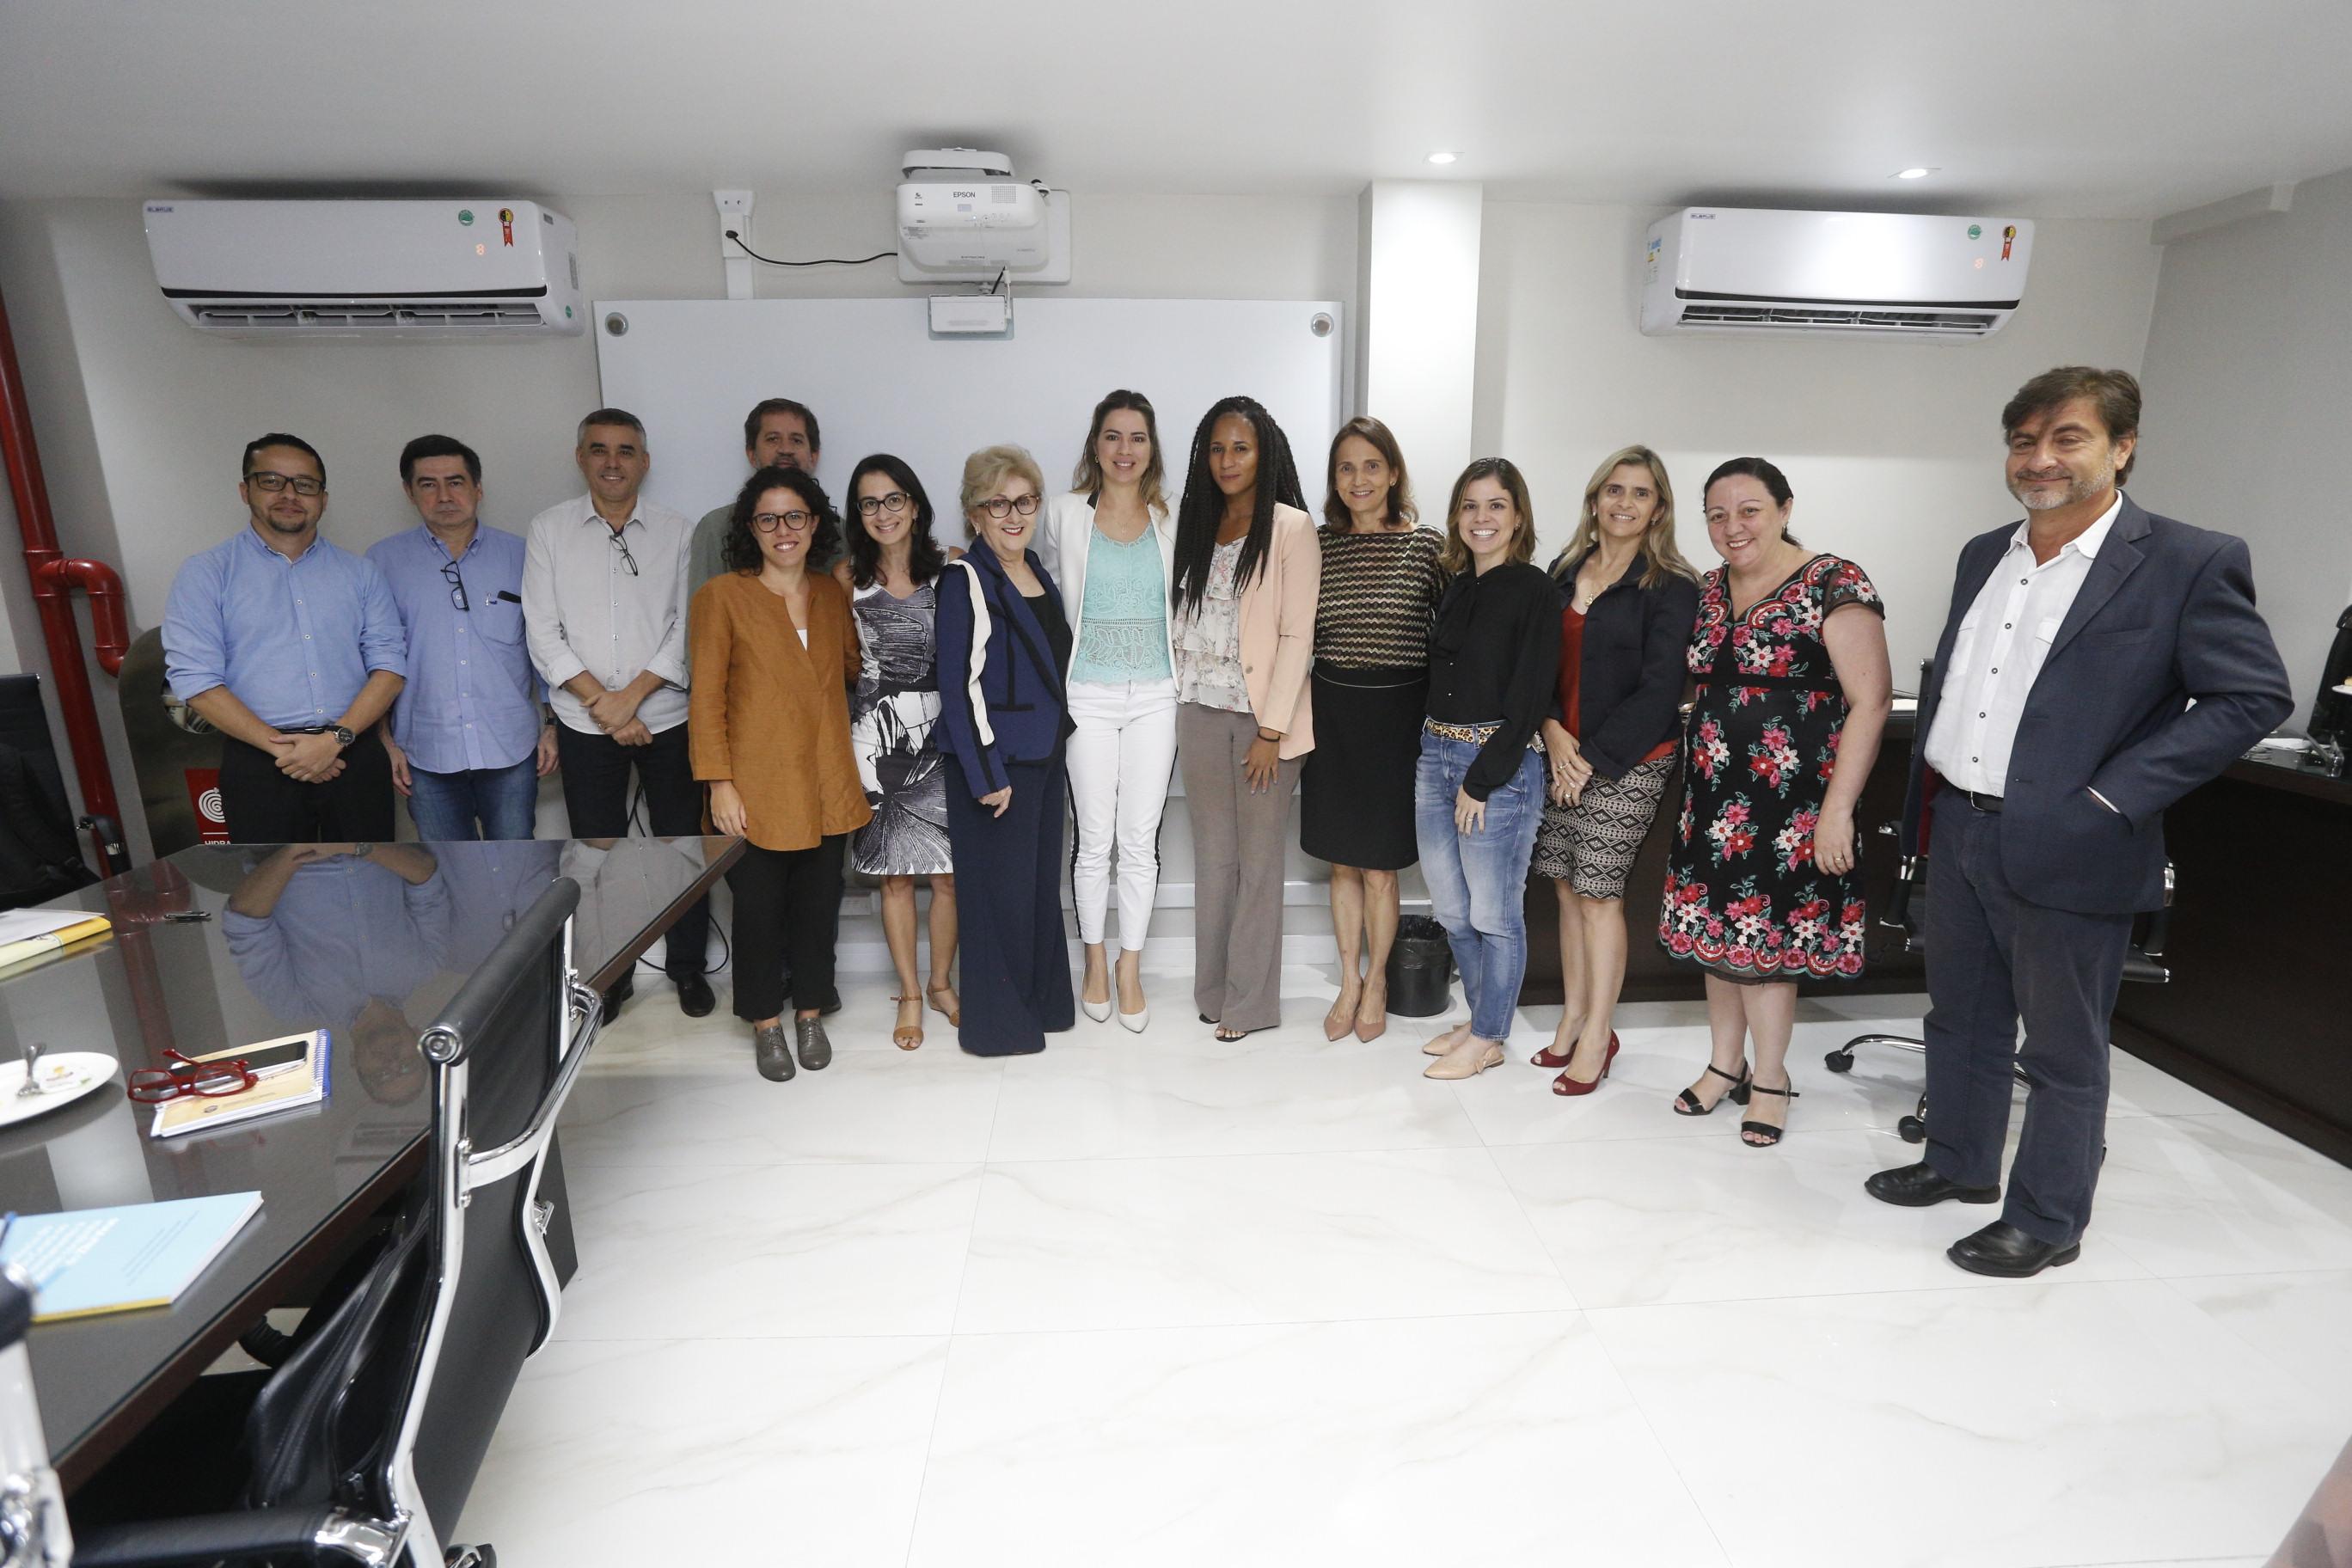 Programas e projetos na área da infância no Ceará são apresentados para fundações